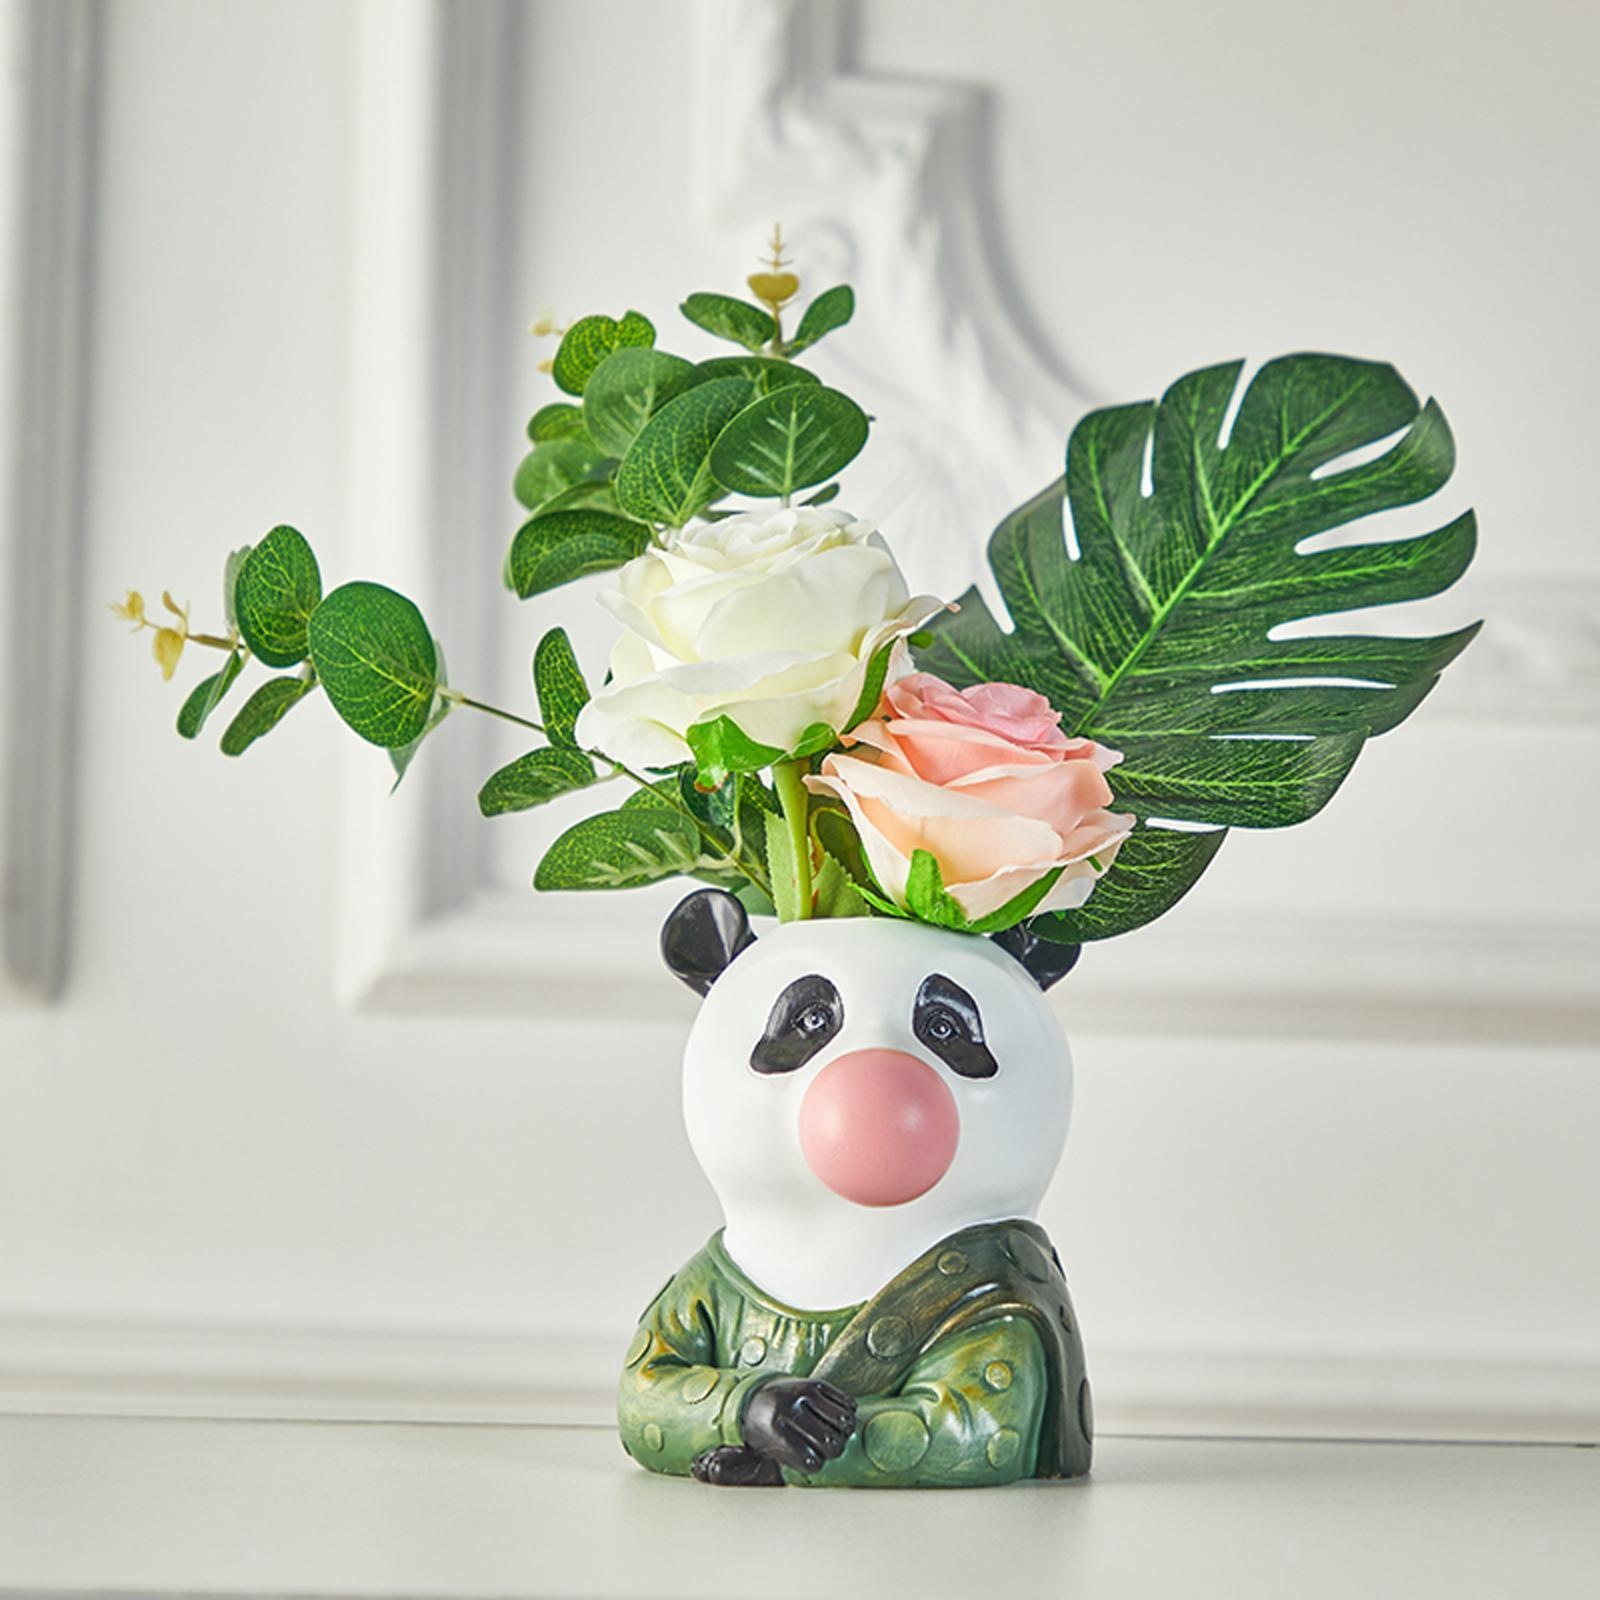 Resin Animal Head Flower Vase Planter Pot Office Desktop